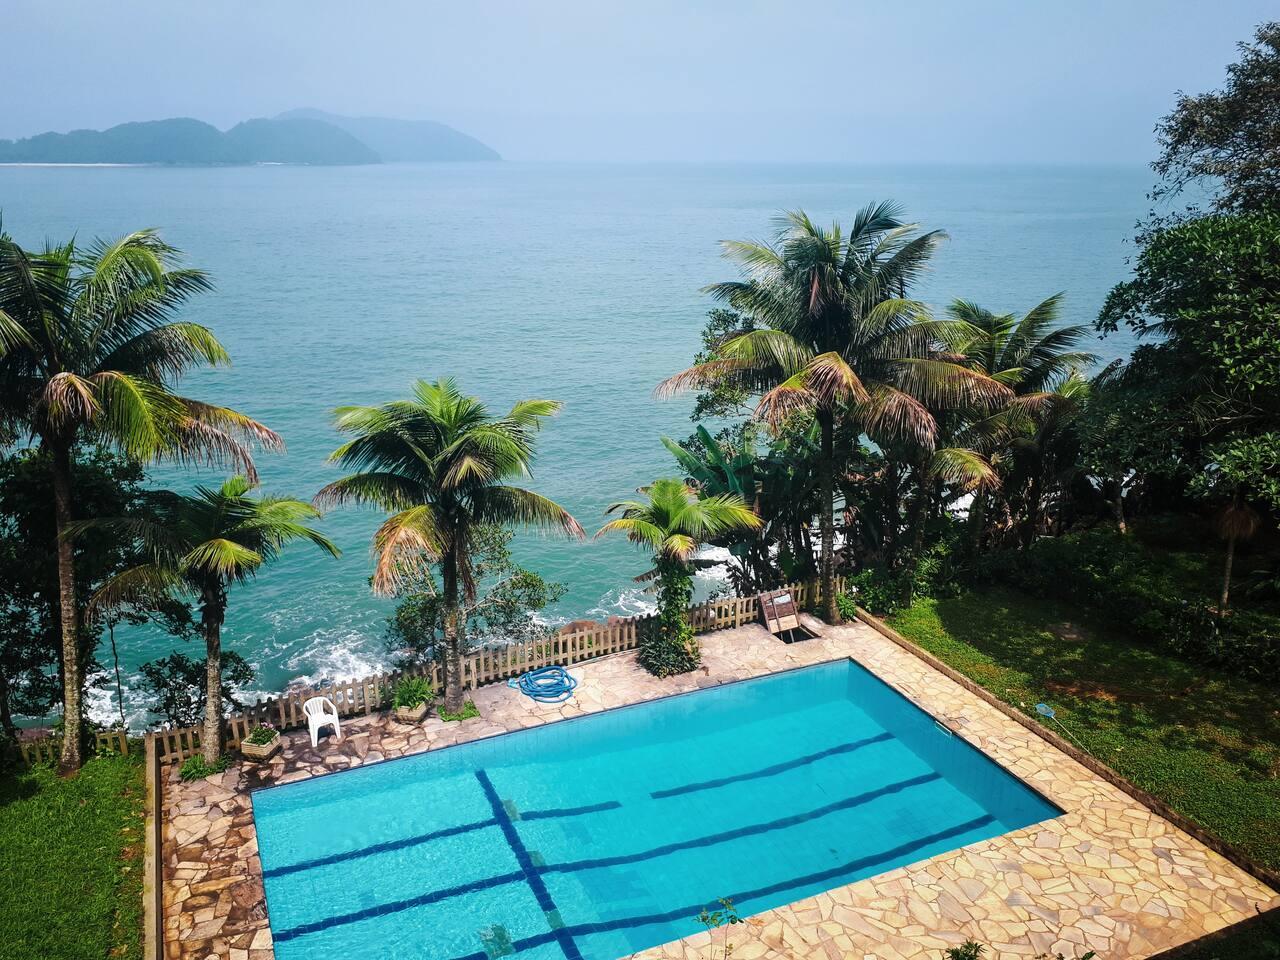 Vista para o mar e piscina do condomínio.